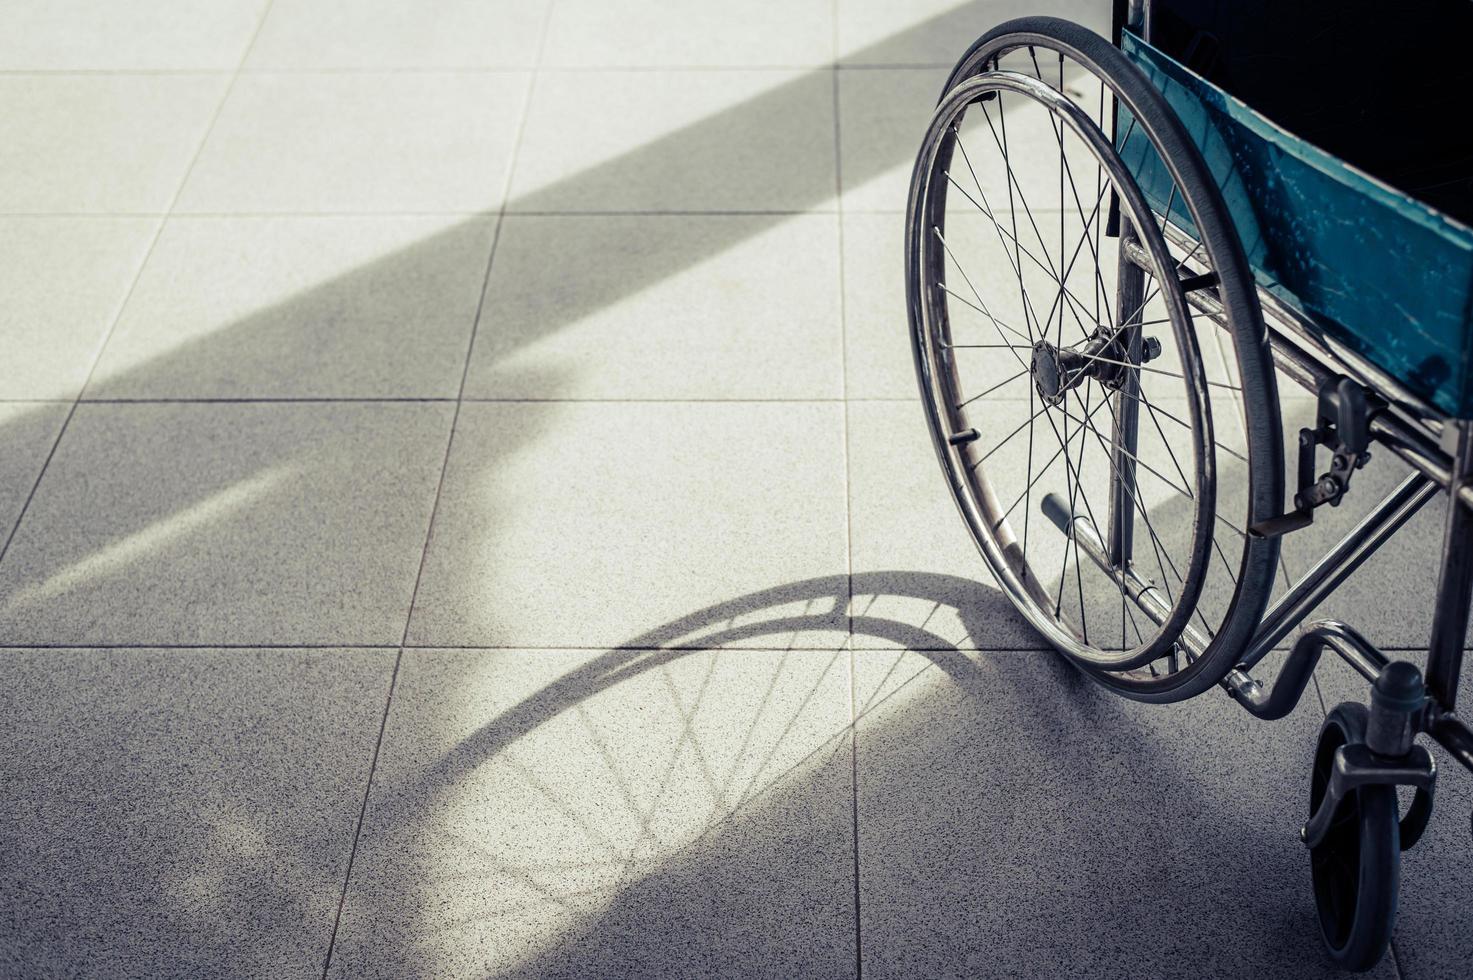 sedia a rotelle paziente parcheggiata di fronte all'ospedale foto